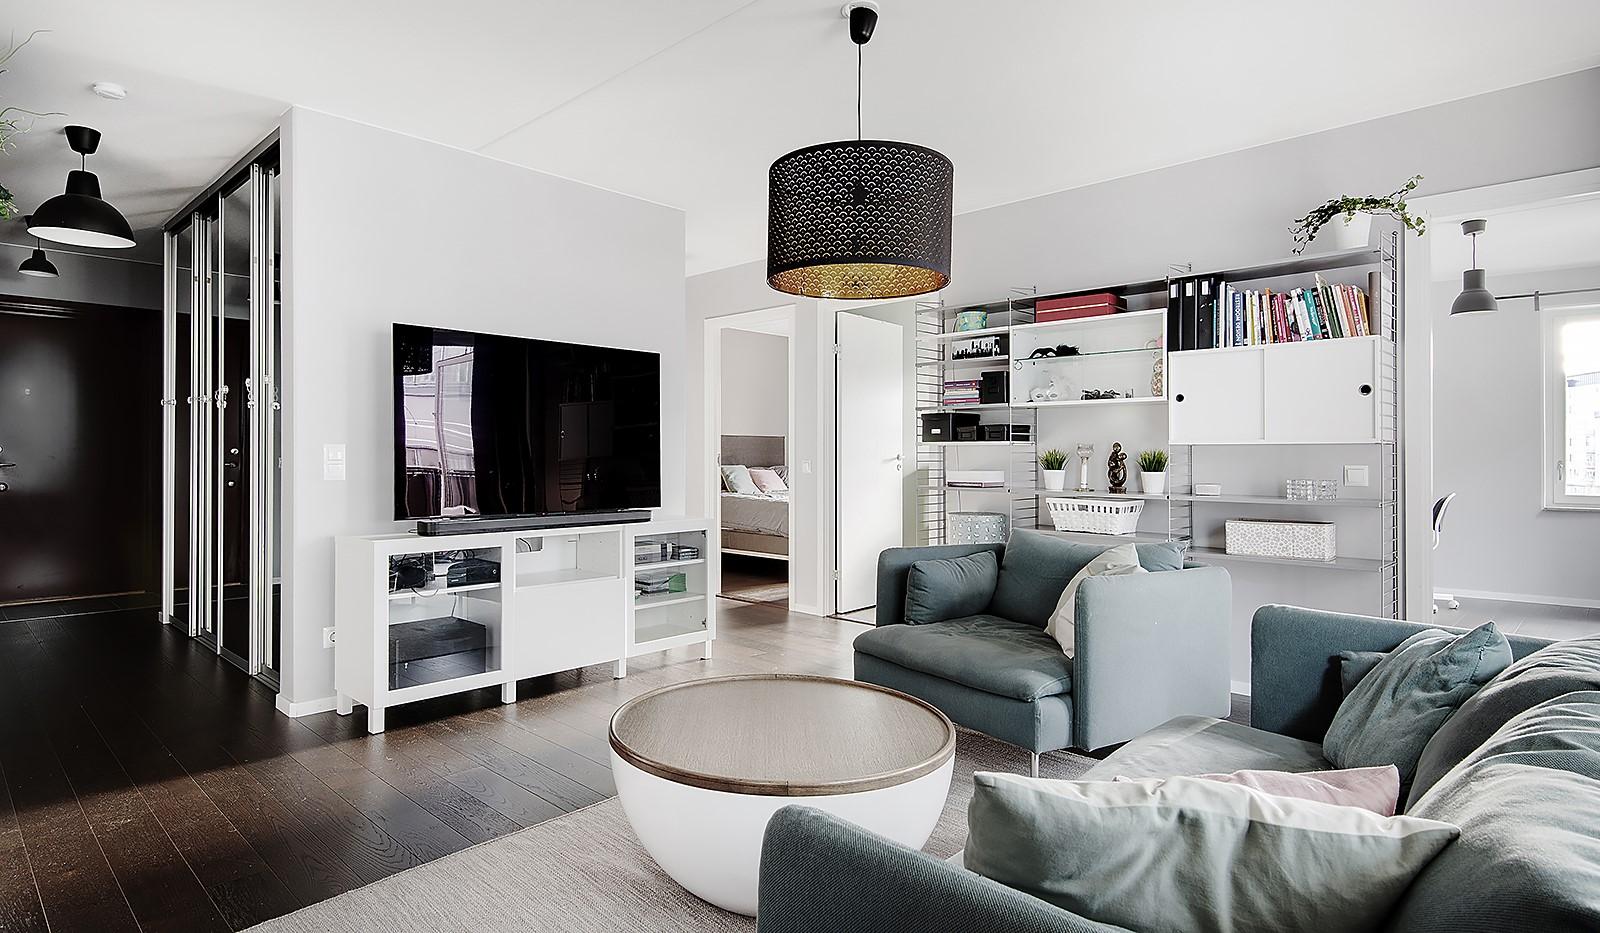 Oskarslundsbacken 1, 2tr - Lätt att möblera i vardagsrummet